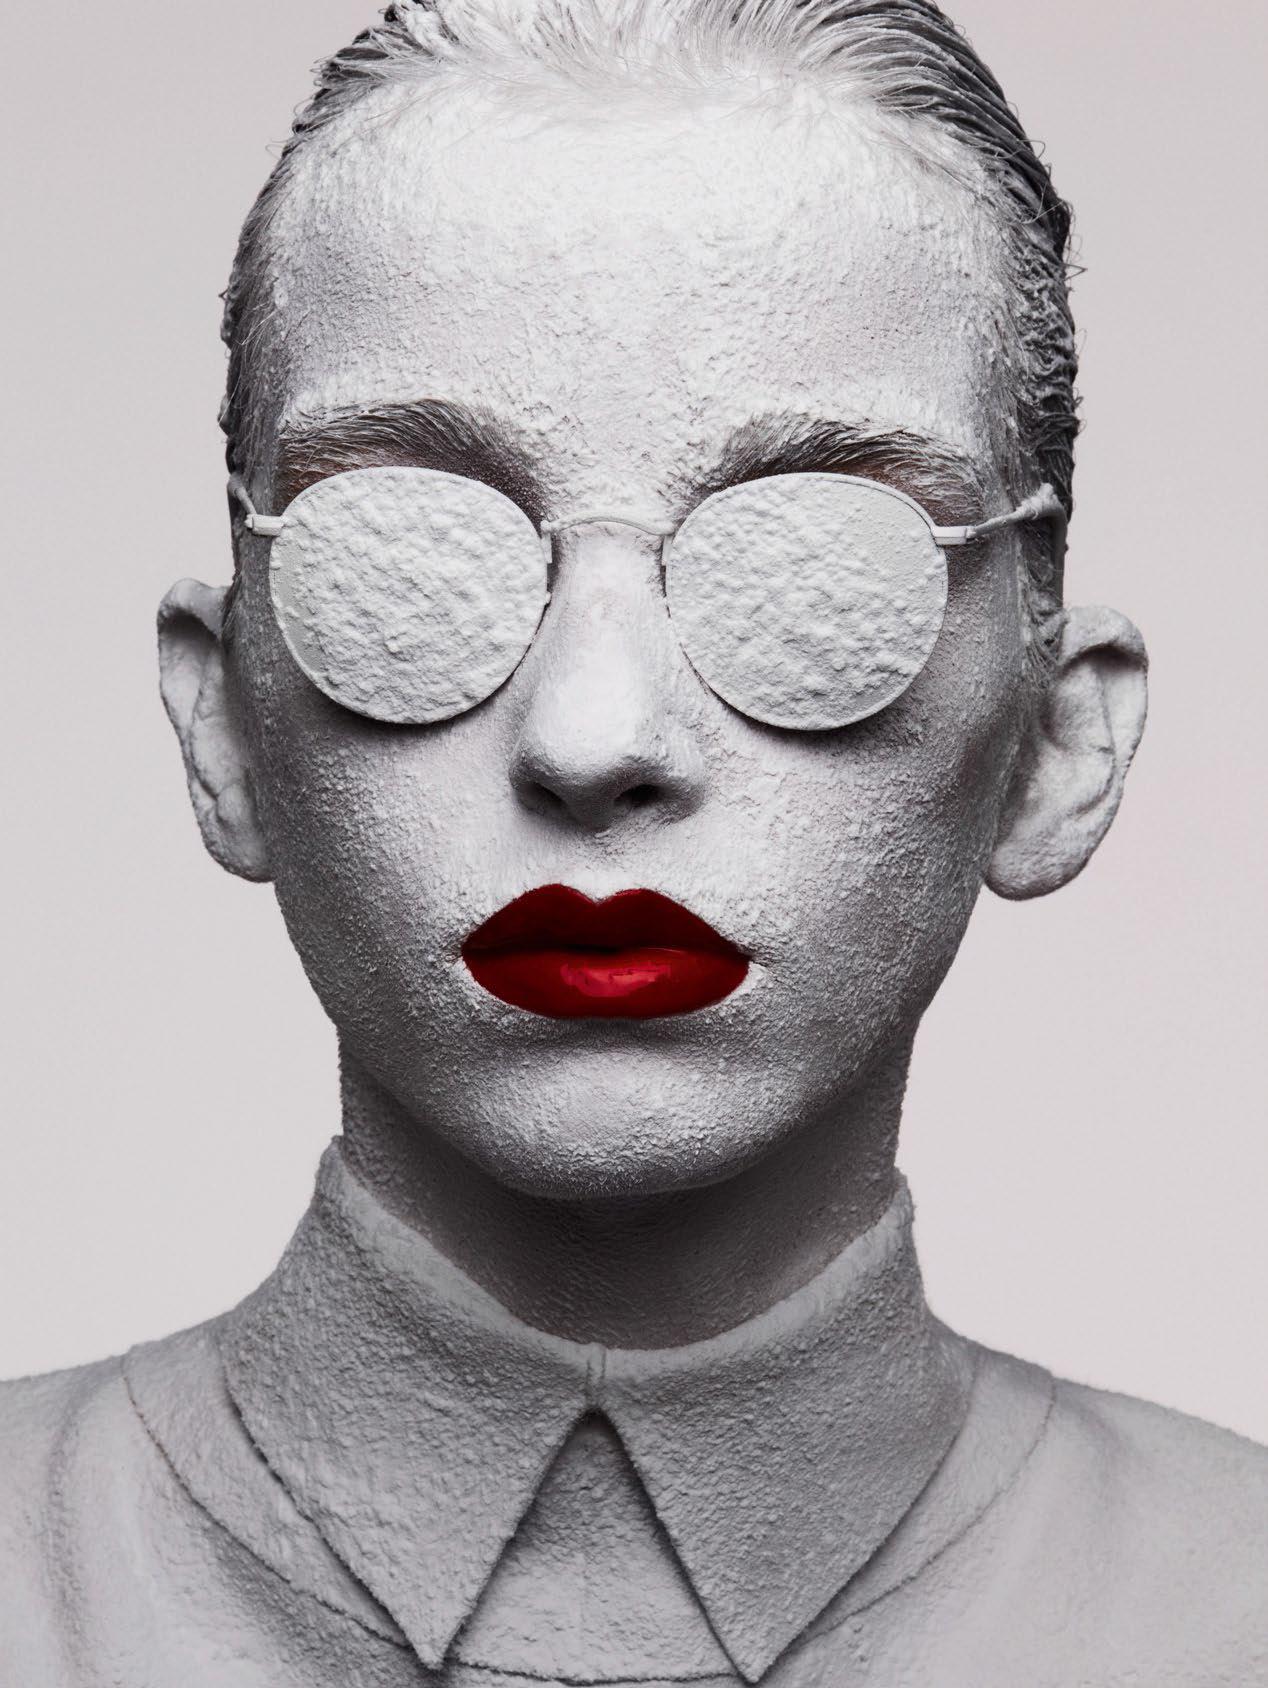 Ben-Hassett-Le-Choc-Des-Pigments-Vogue-Paris-November-2016-5.jpg